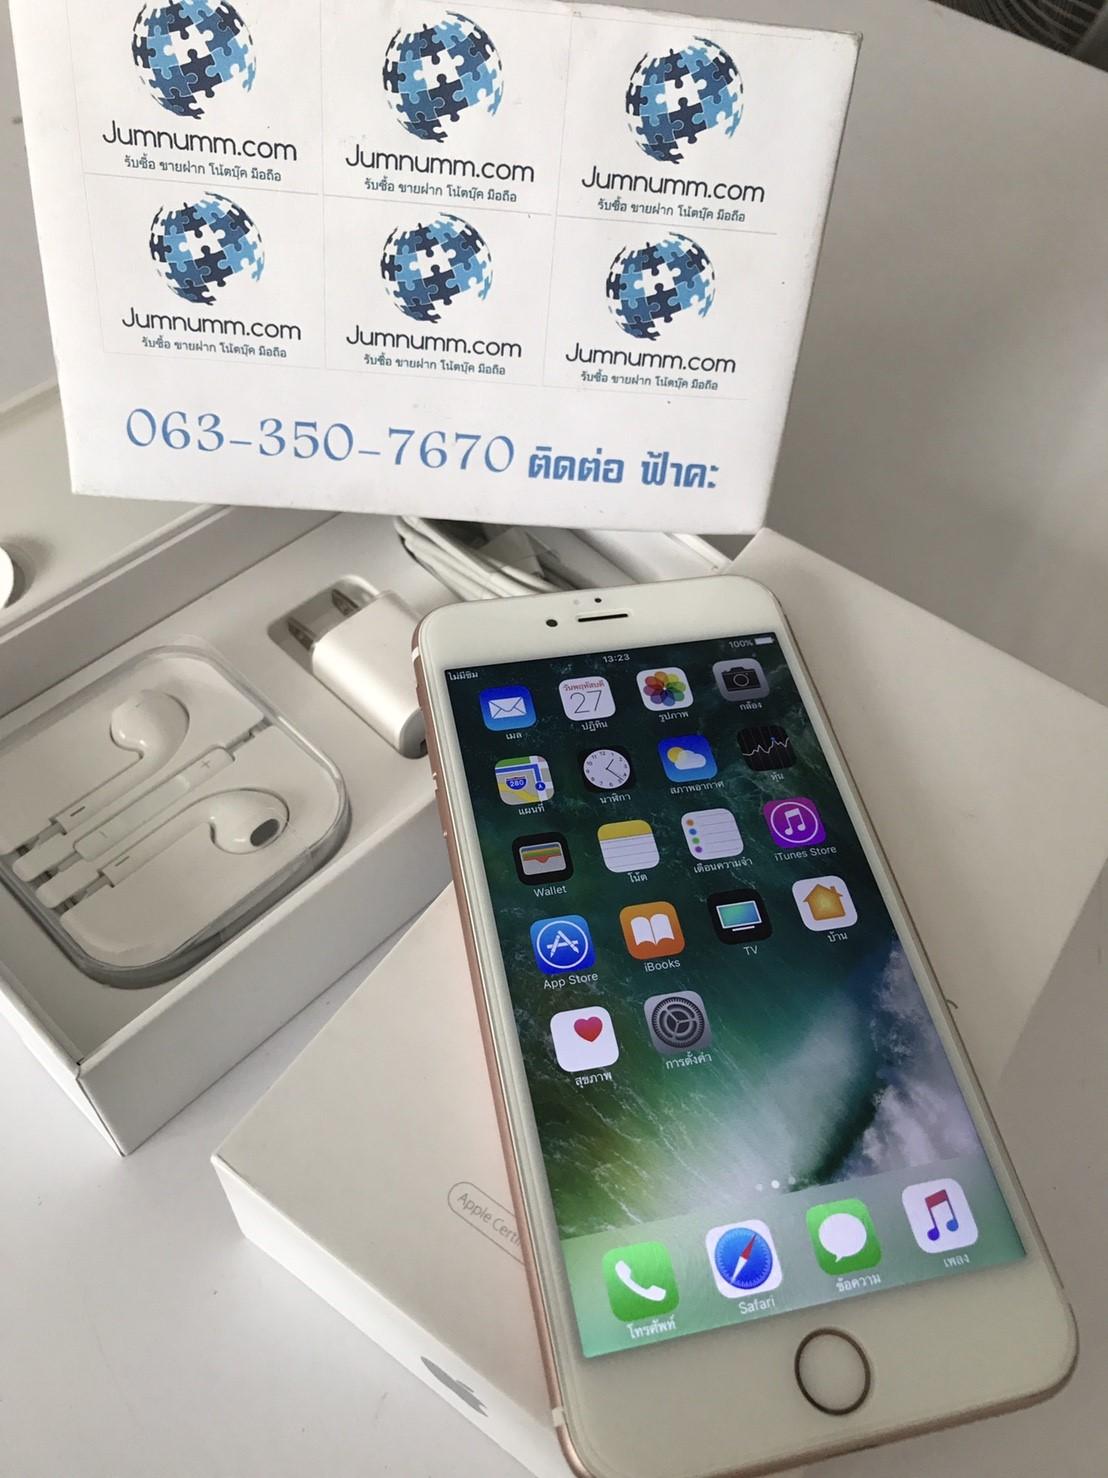 JMM-27 ขาย IPhone6s Plus 16GB ราคา 15,900 บาท ประกันถึง มีนา2561